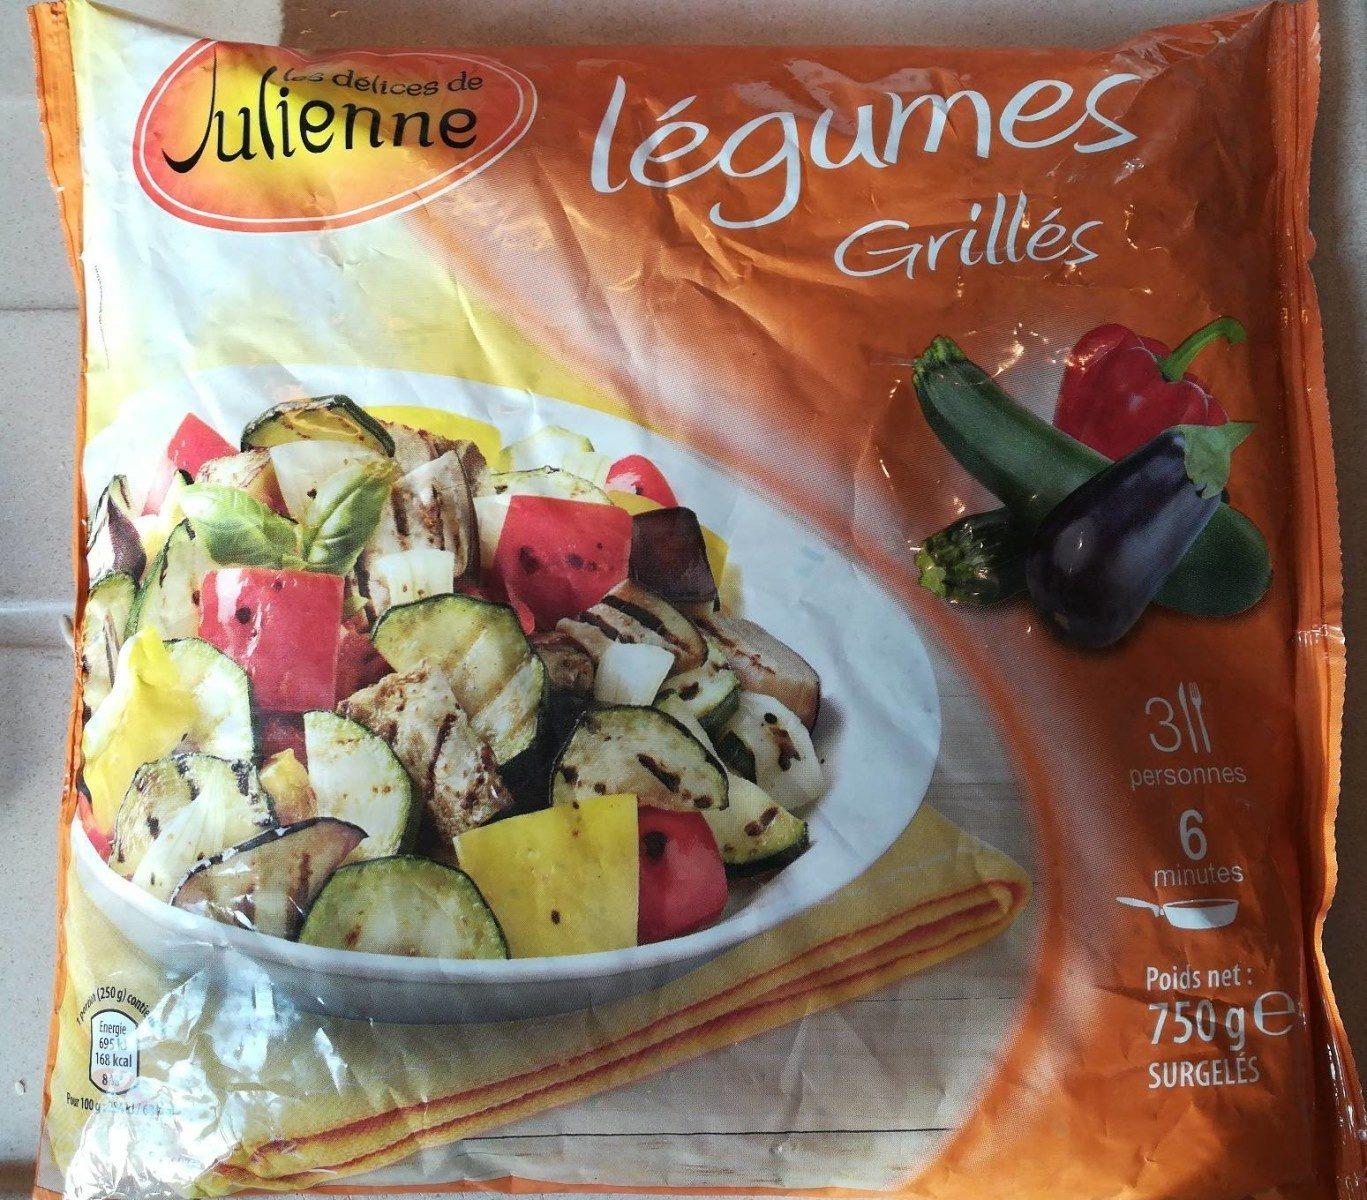 Légumes grillés - Produit - fr